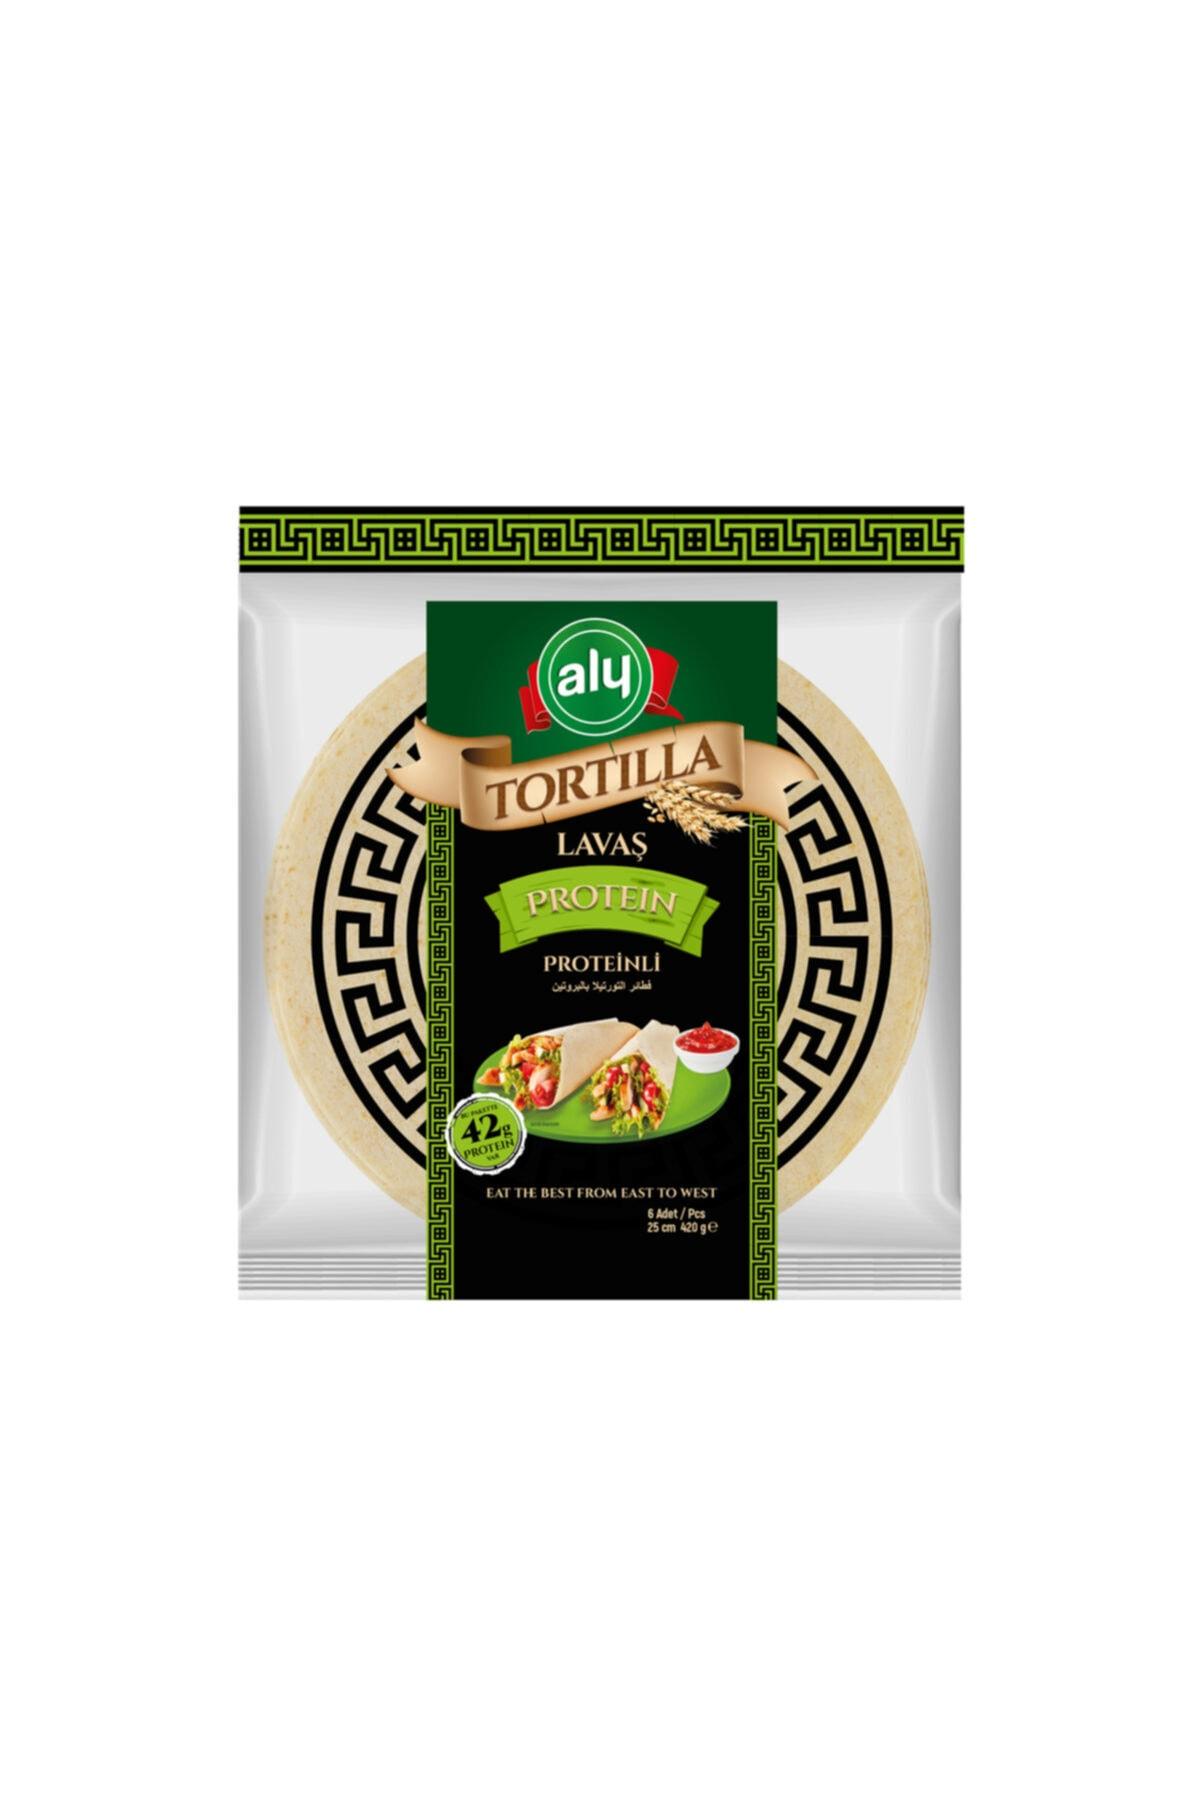 Proteinli Tortilla Lavaş 25 cm 6'lı Paket 420 g